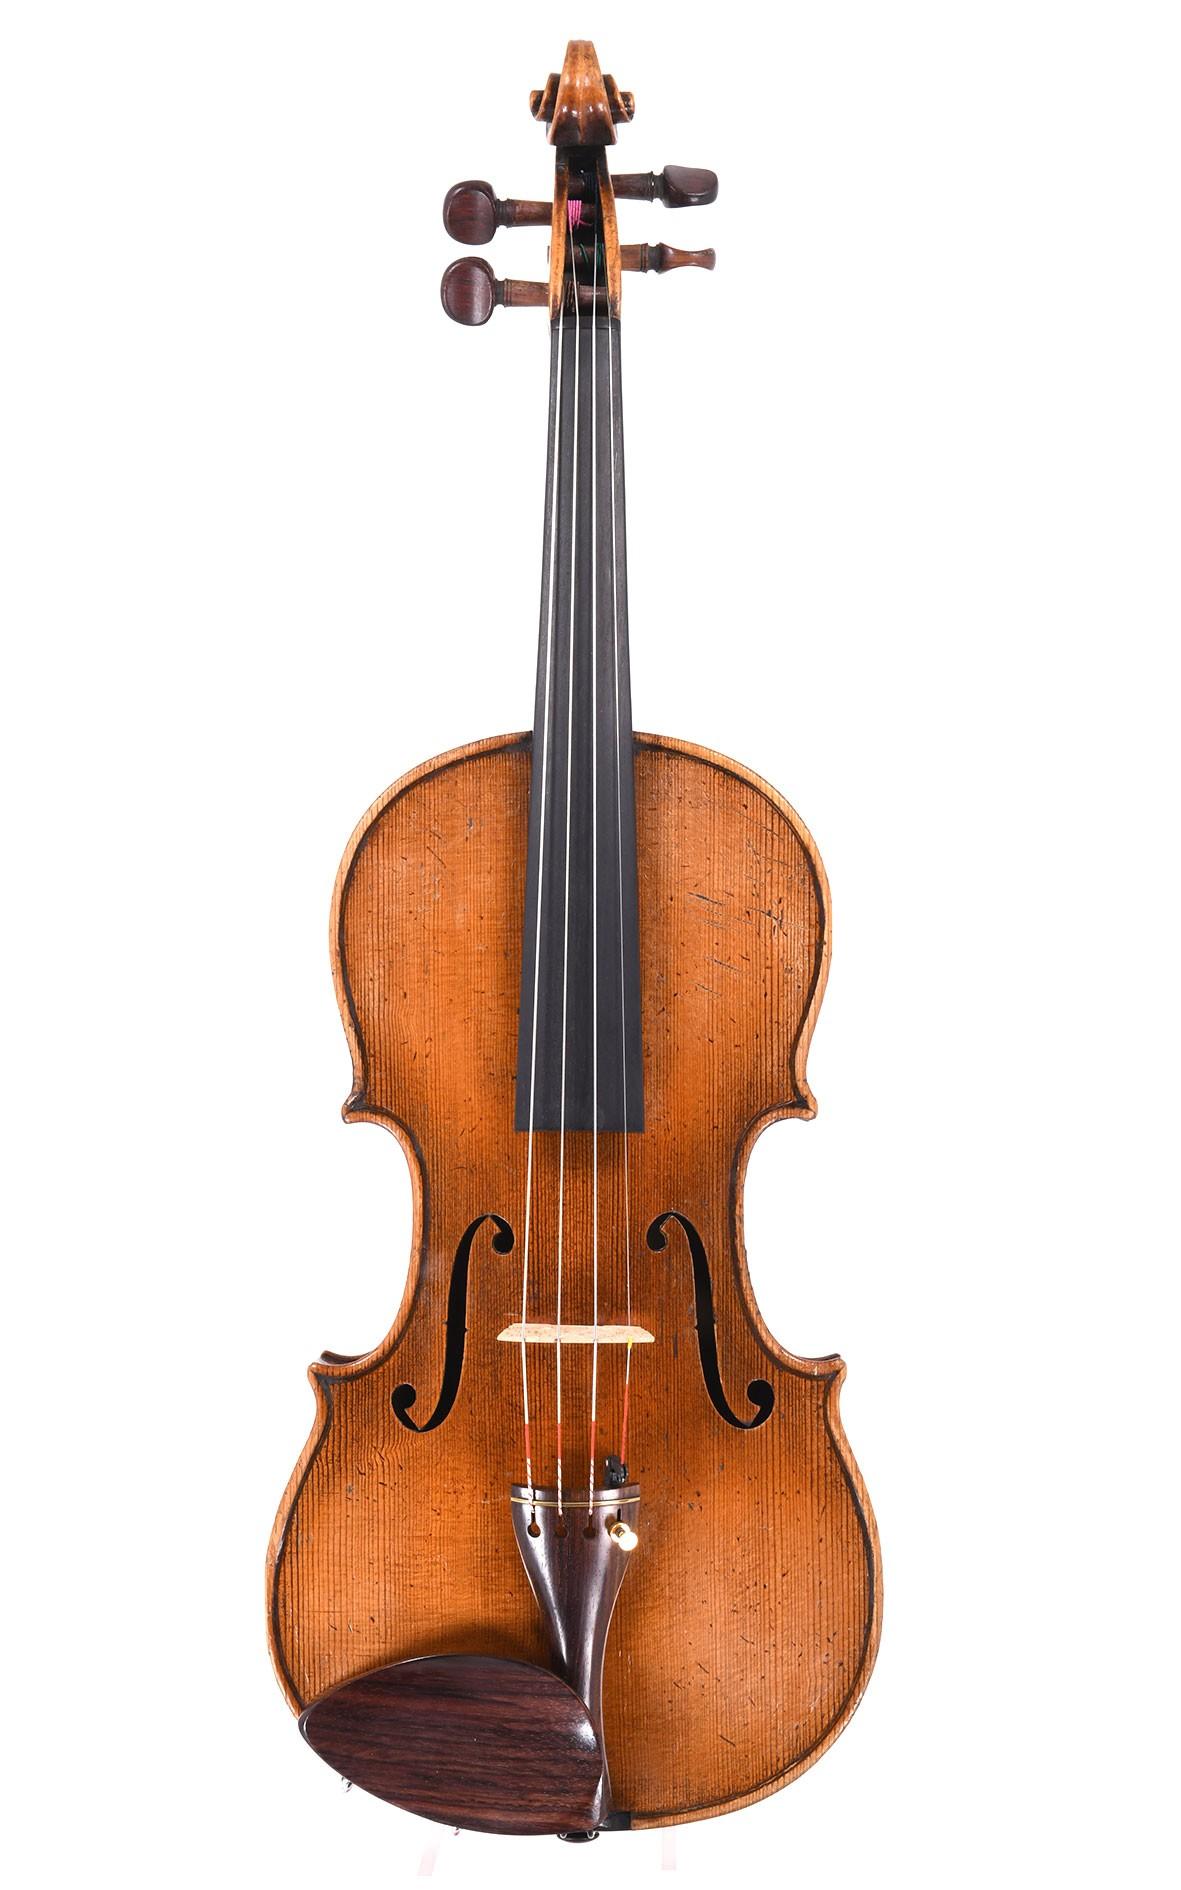 Geige von Schuster & Co. Markneukirchen nach Guarneri